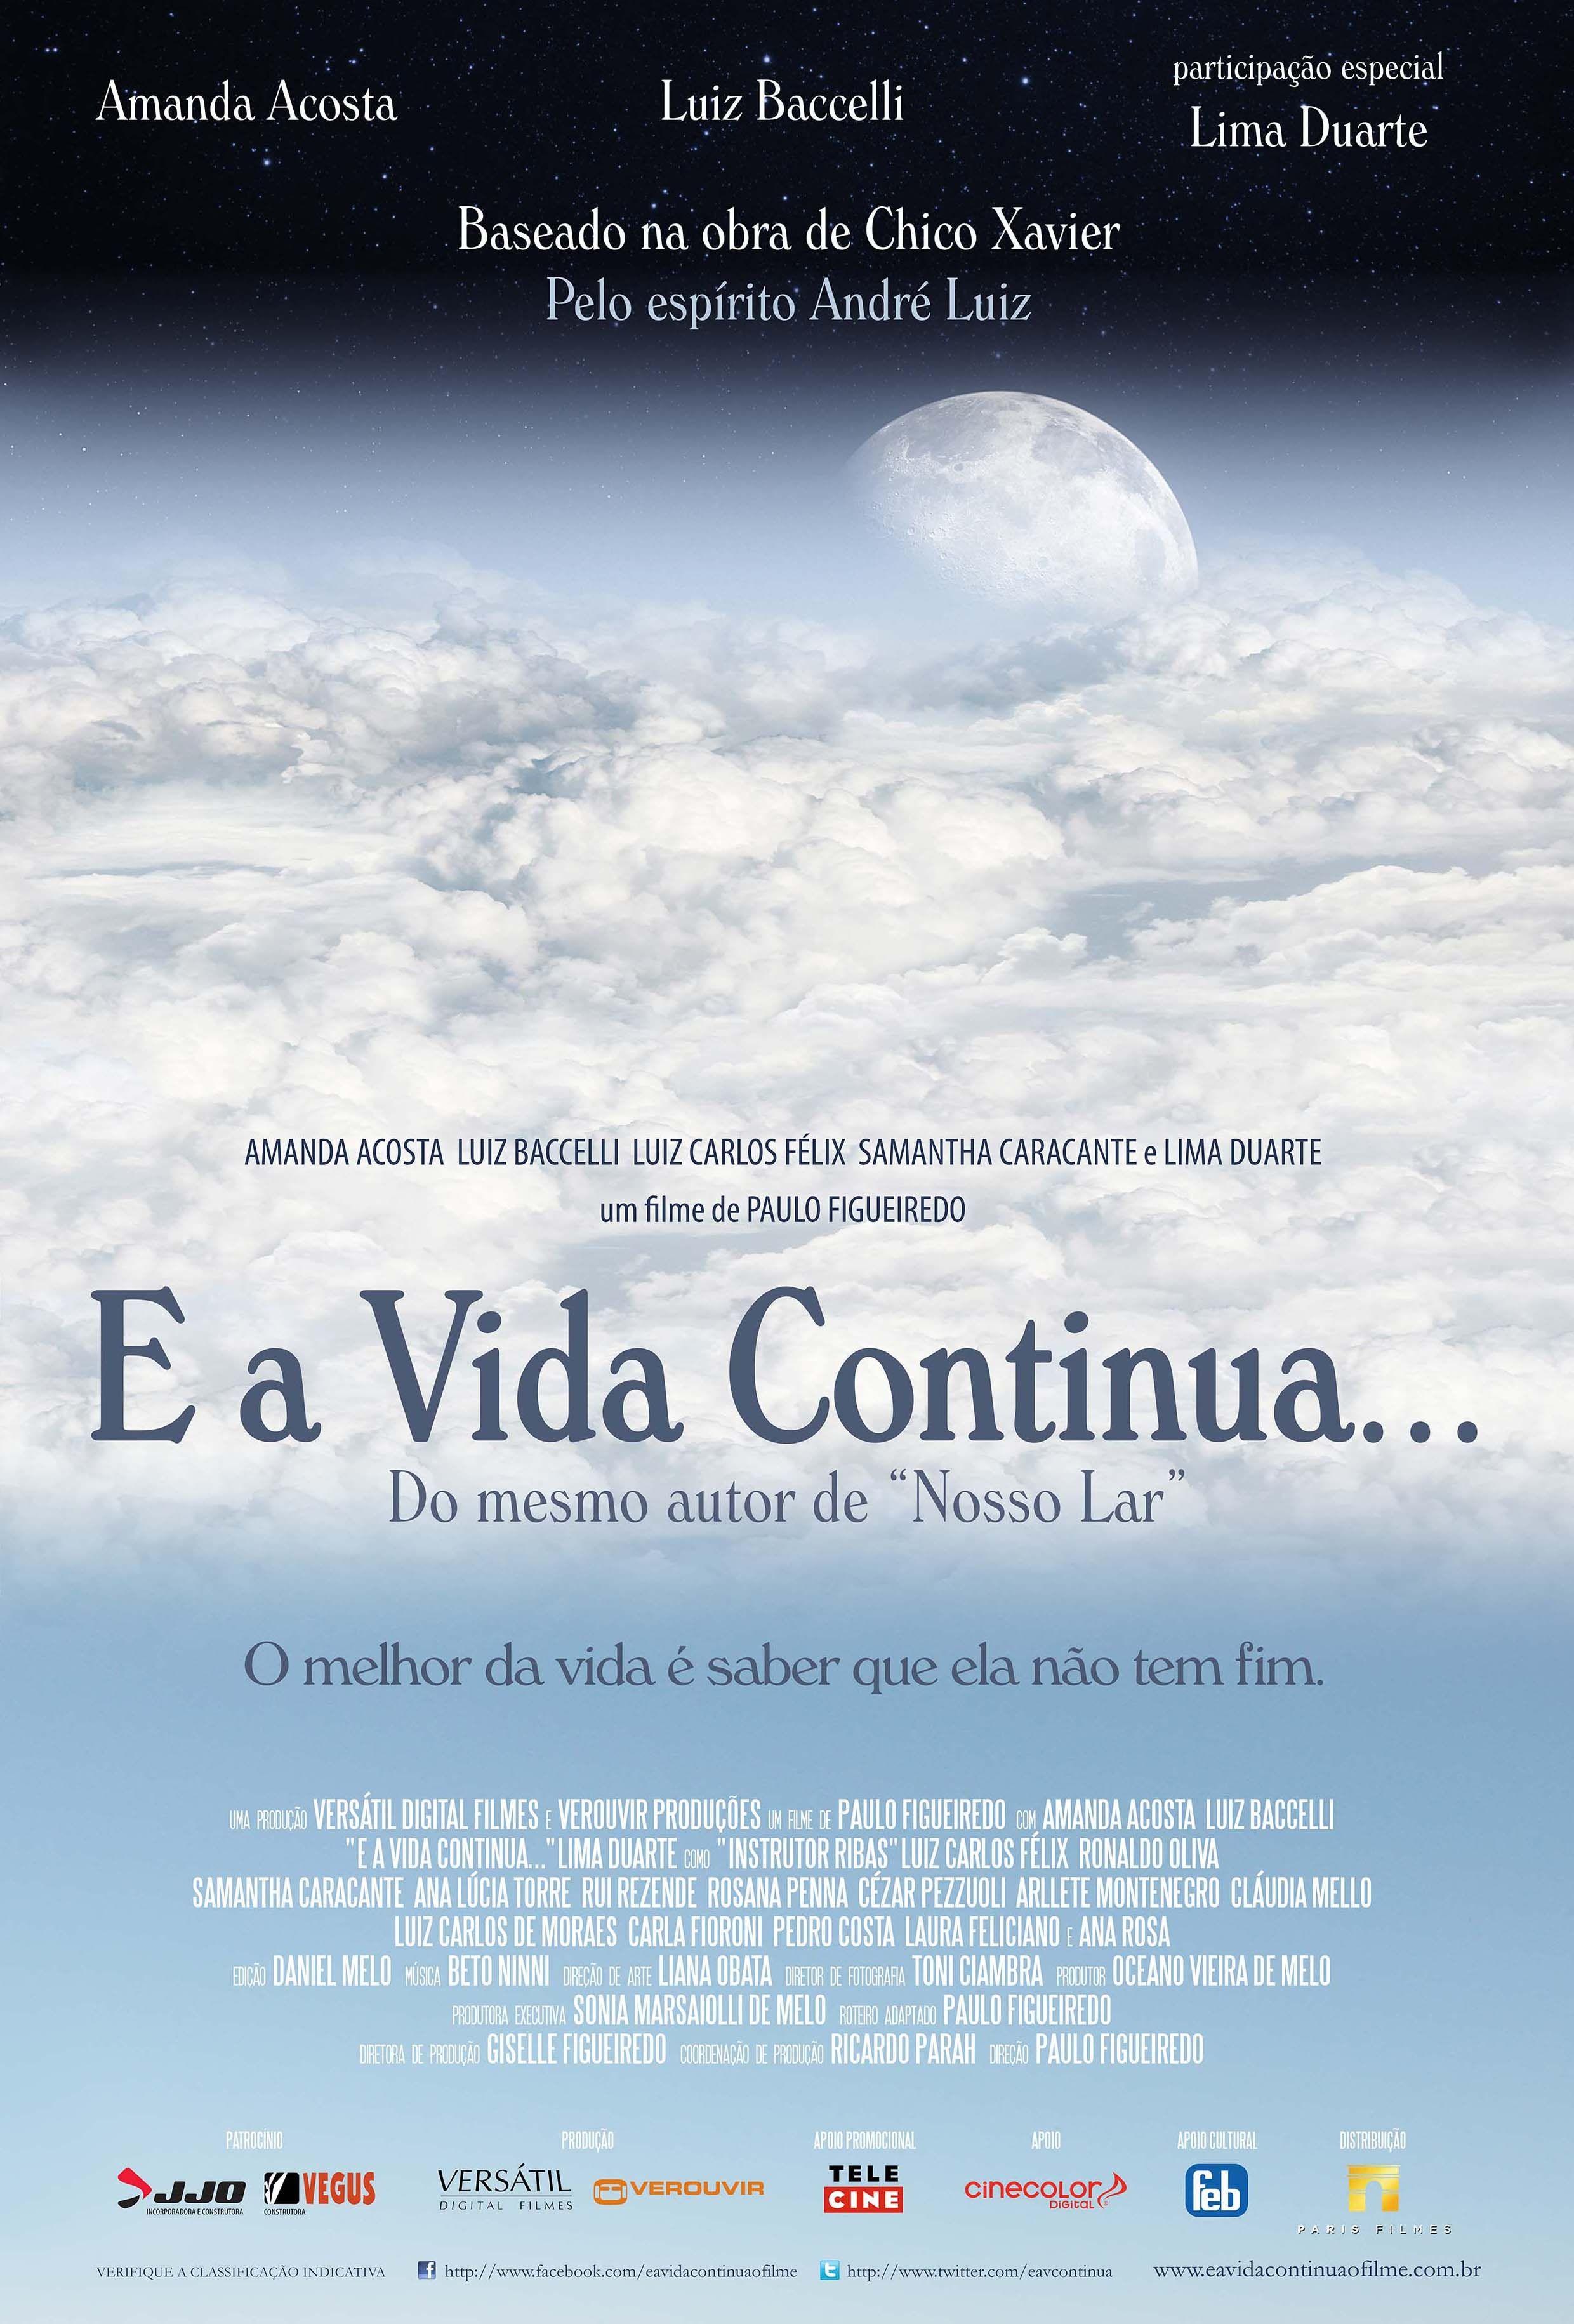 E A Vida Continua Filmes Espiritas Completos Filmes E Livros